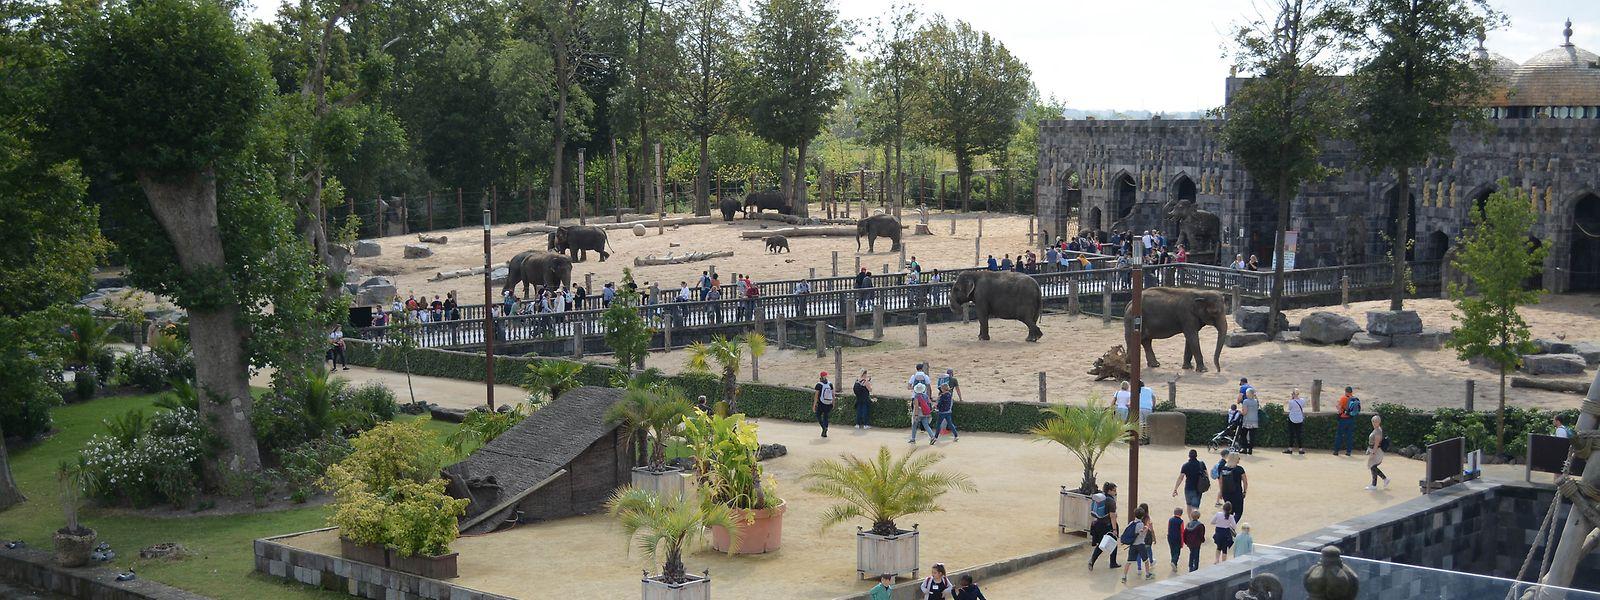 Die Elefantenherde im Pairi-Daiza-Park zählt 22 Tiere.